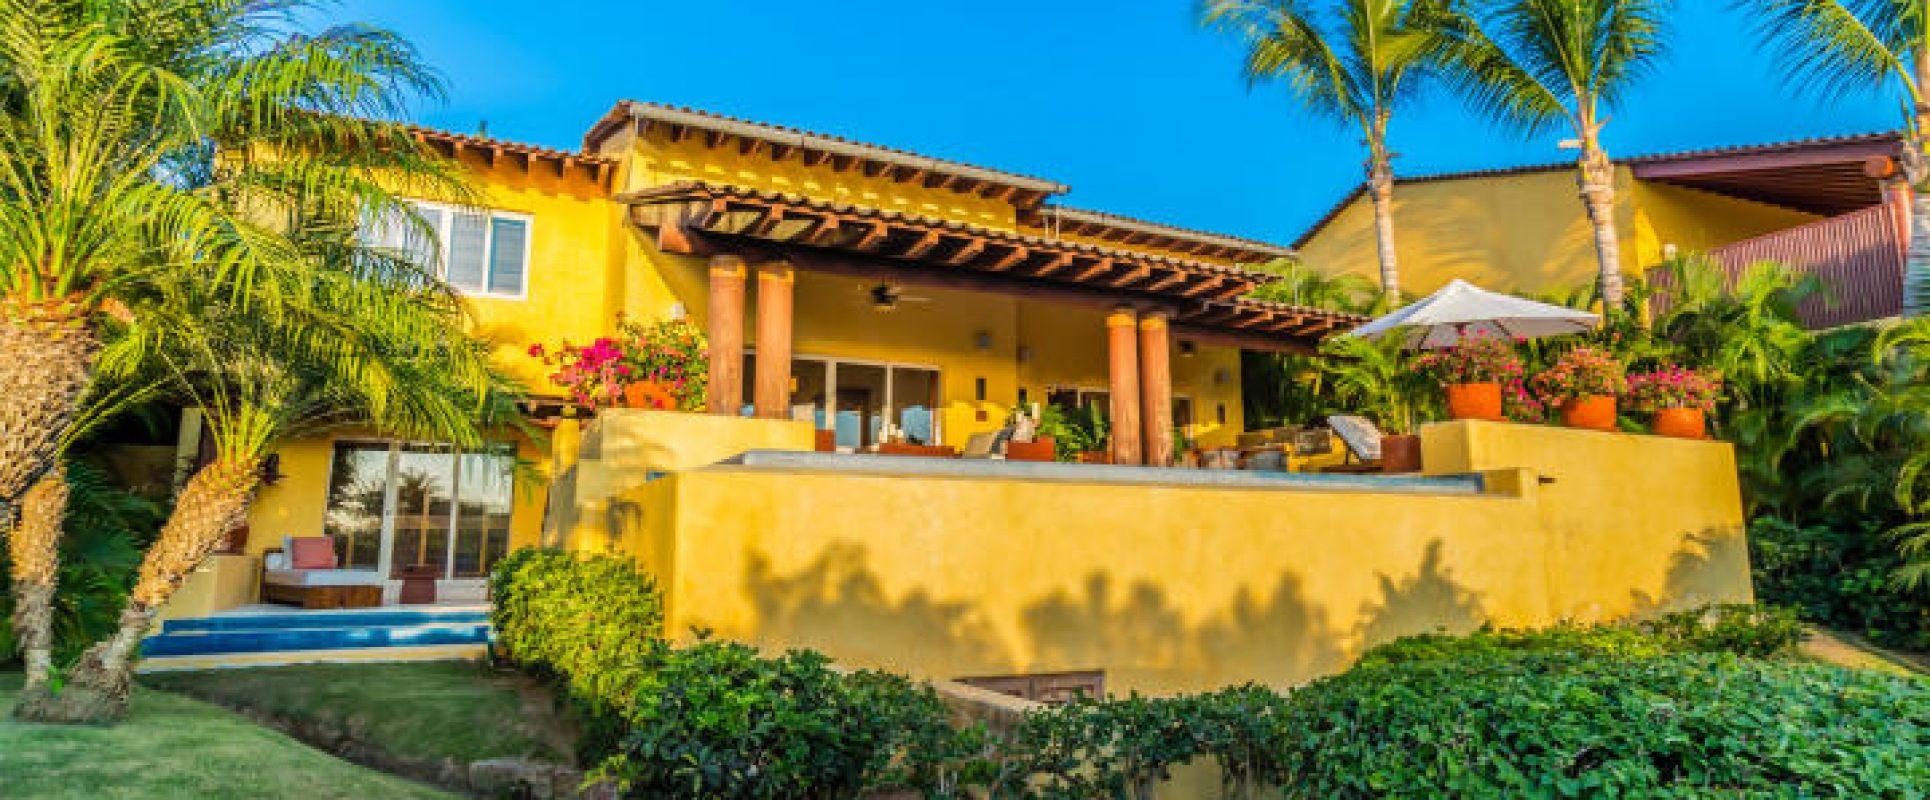 Four Seasons Private Villa 37 – 37 Photo